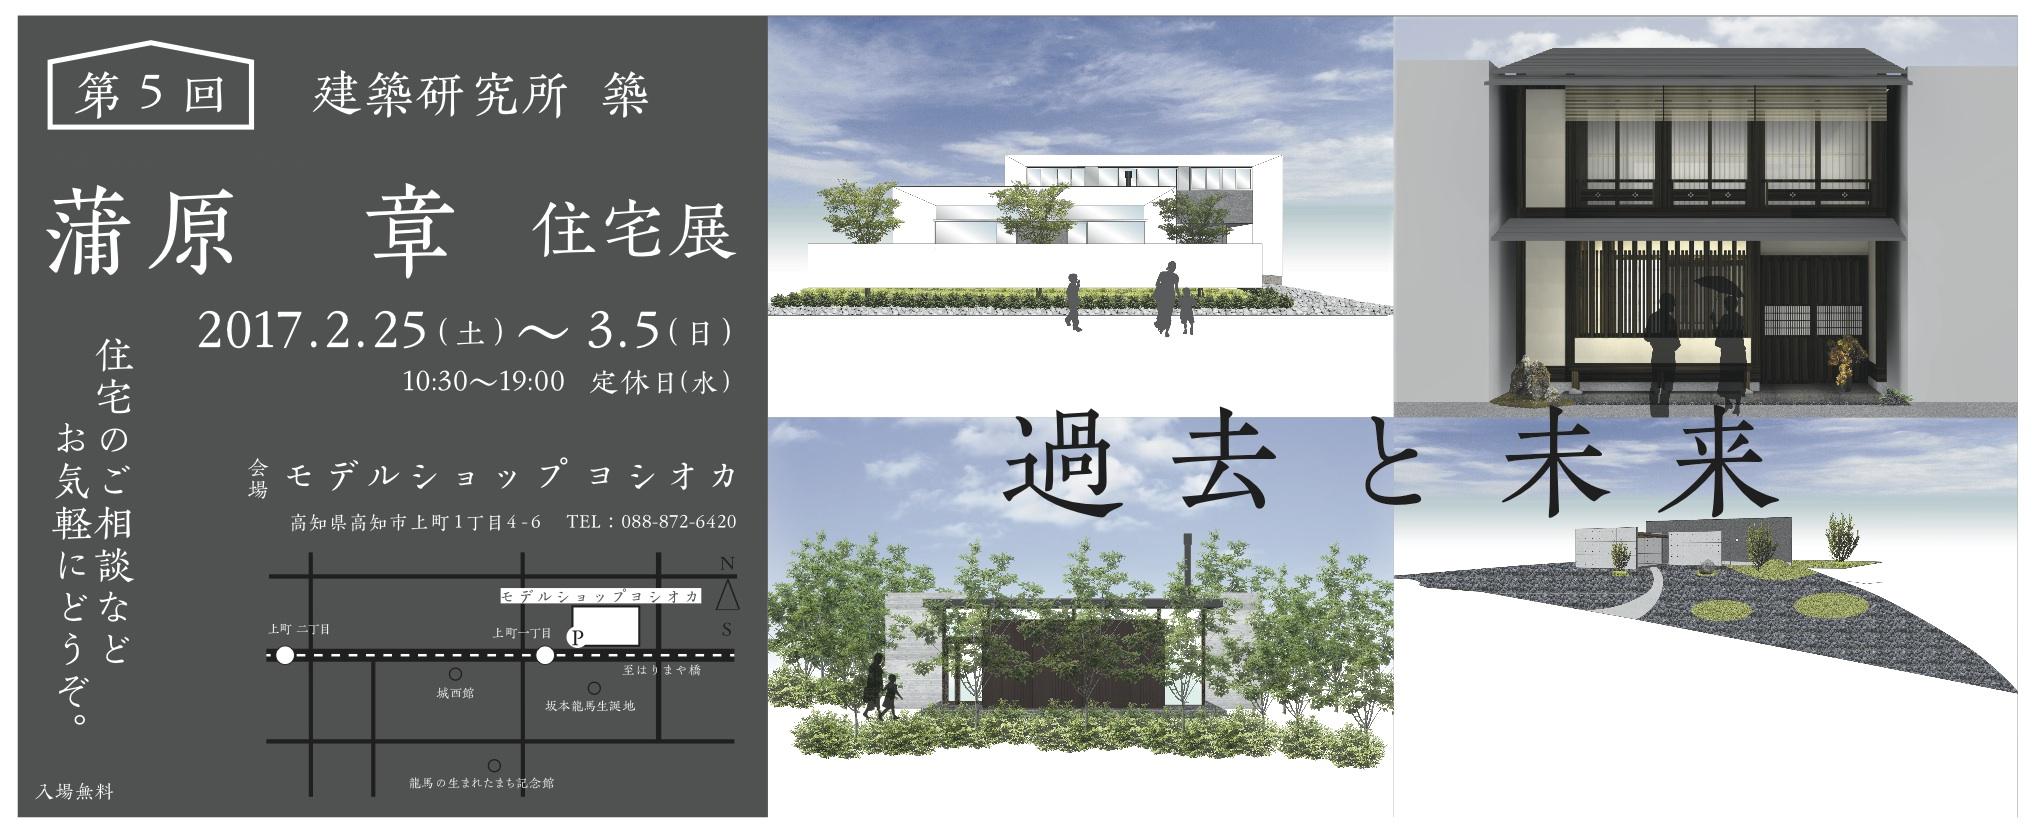 第5回 建築研究所 築  蒲原章 住宅展を開催します。